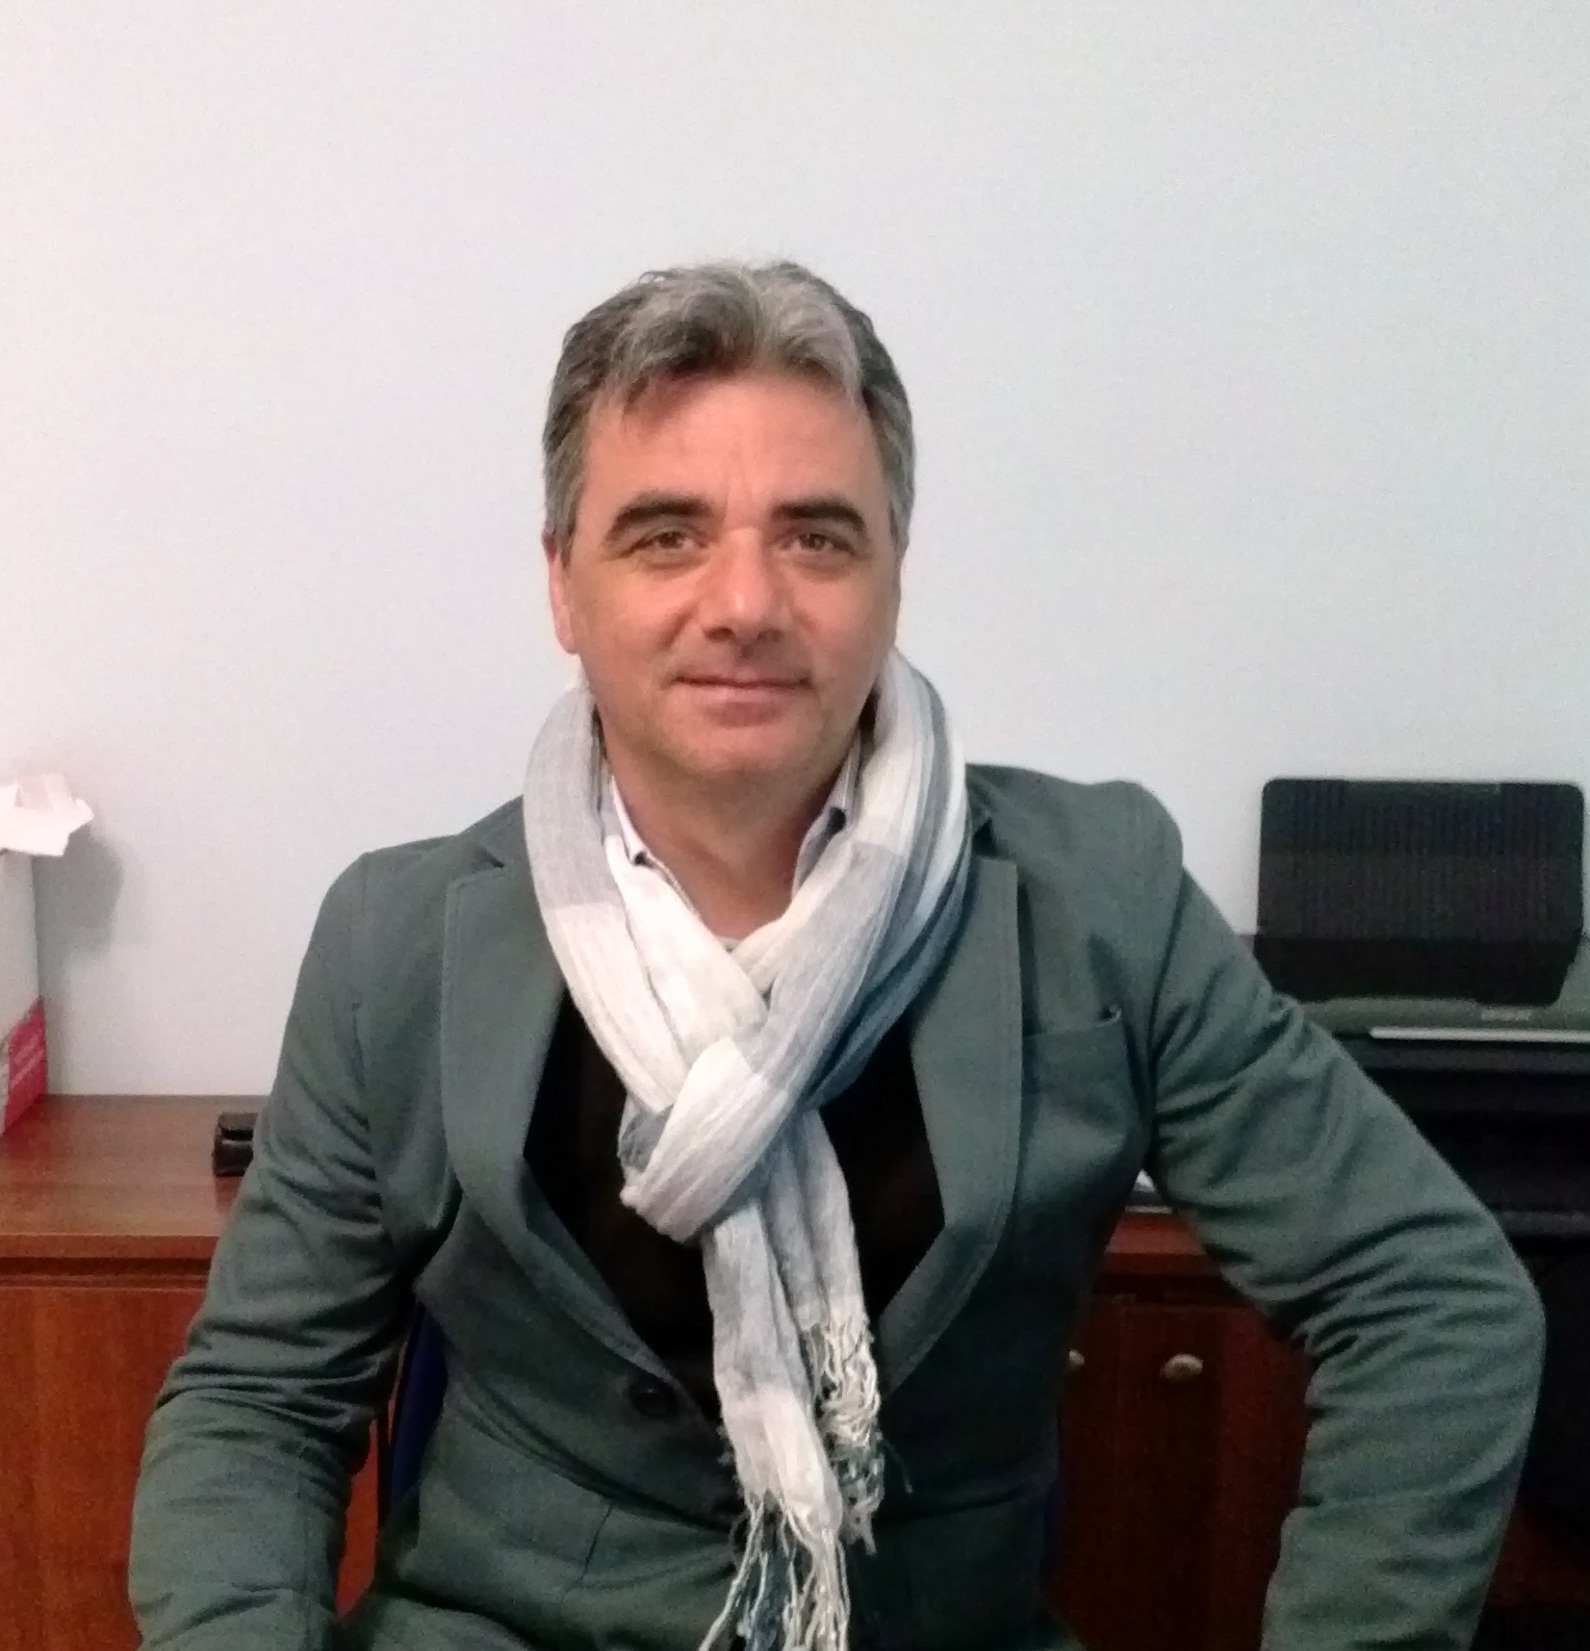 DE DOMINICIS PAOLO - Socio Ortec